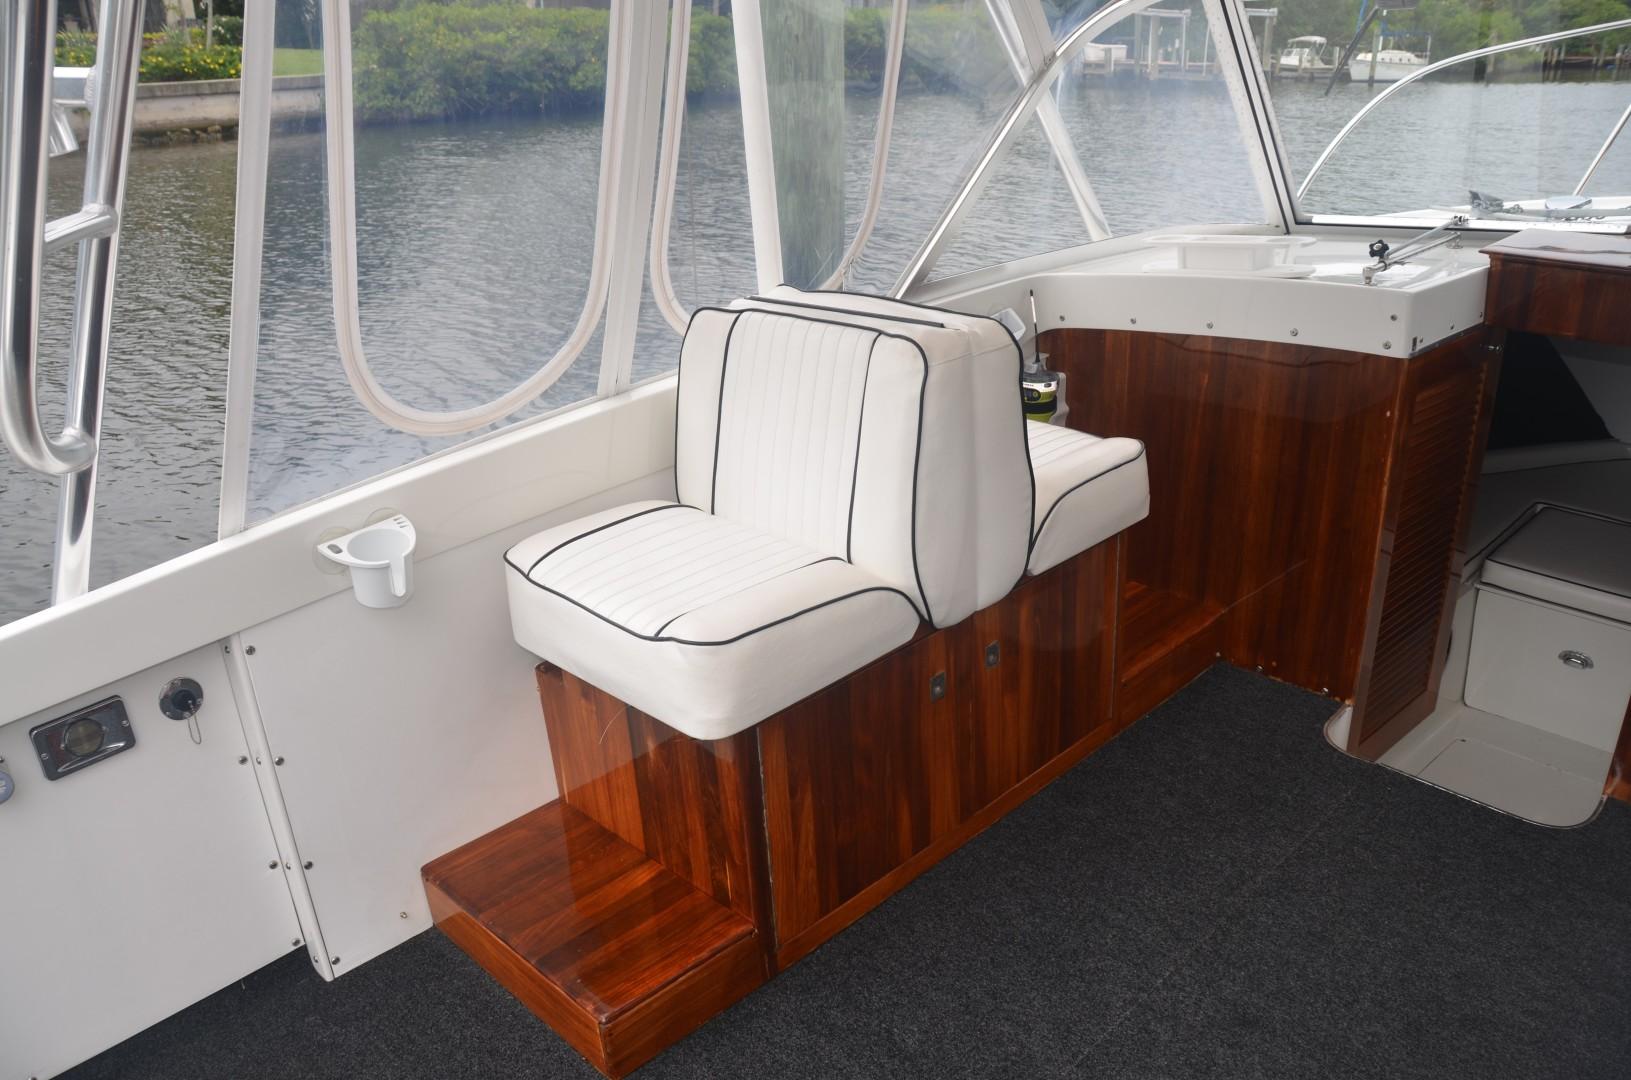 Bertram 25 - Favor - Helm Deck Seating